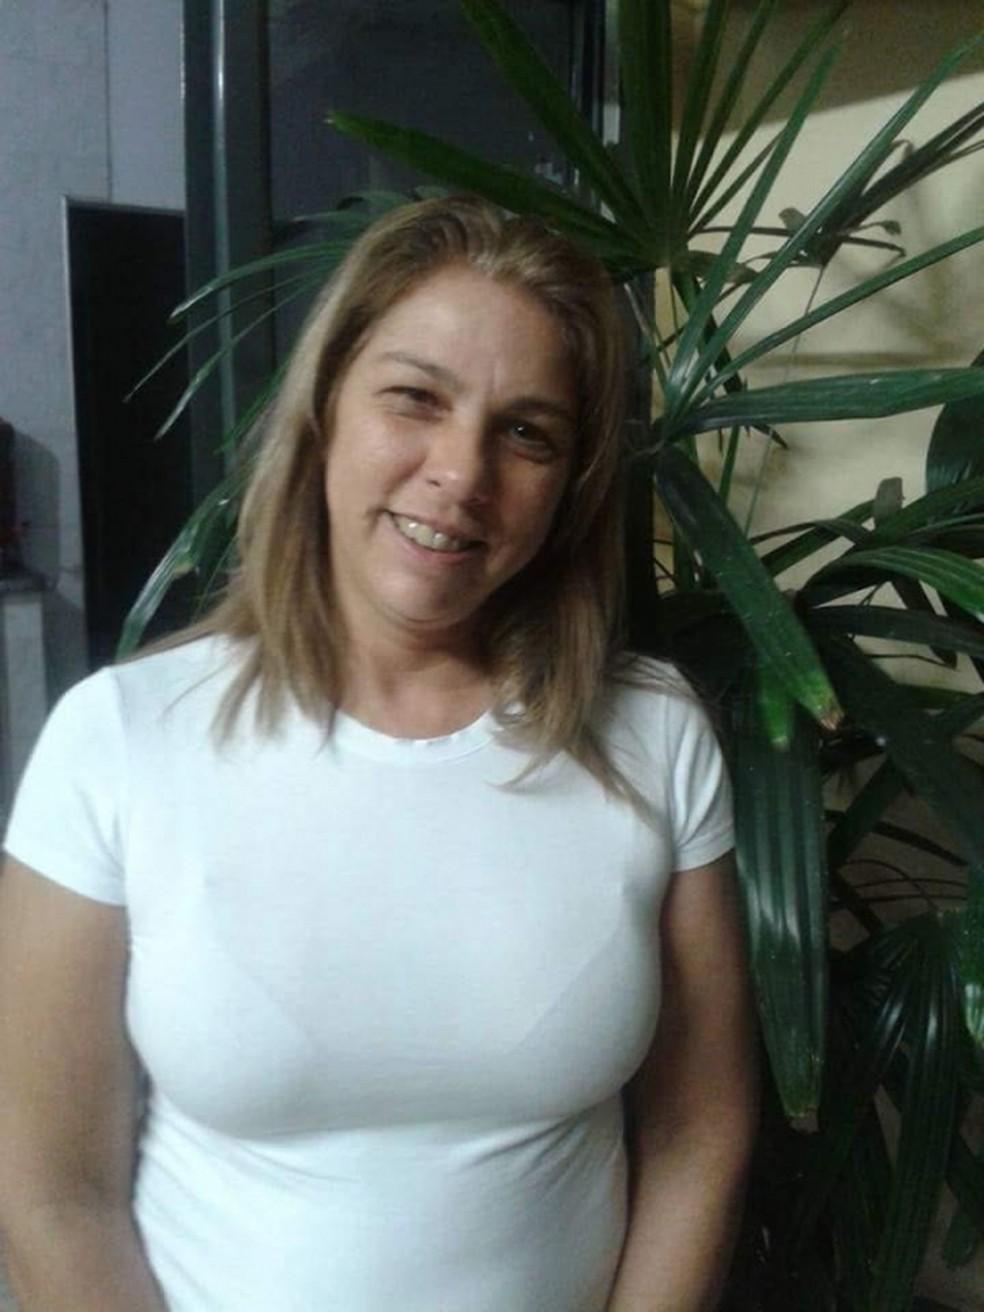 Polícia investiga se o desaparecimento de Janete tem ligação com o de Danny em Jaú  (Foto: Arquivo pessoal)